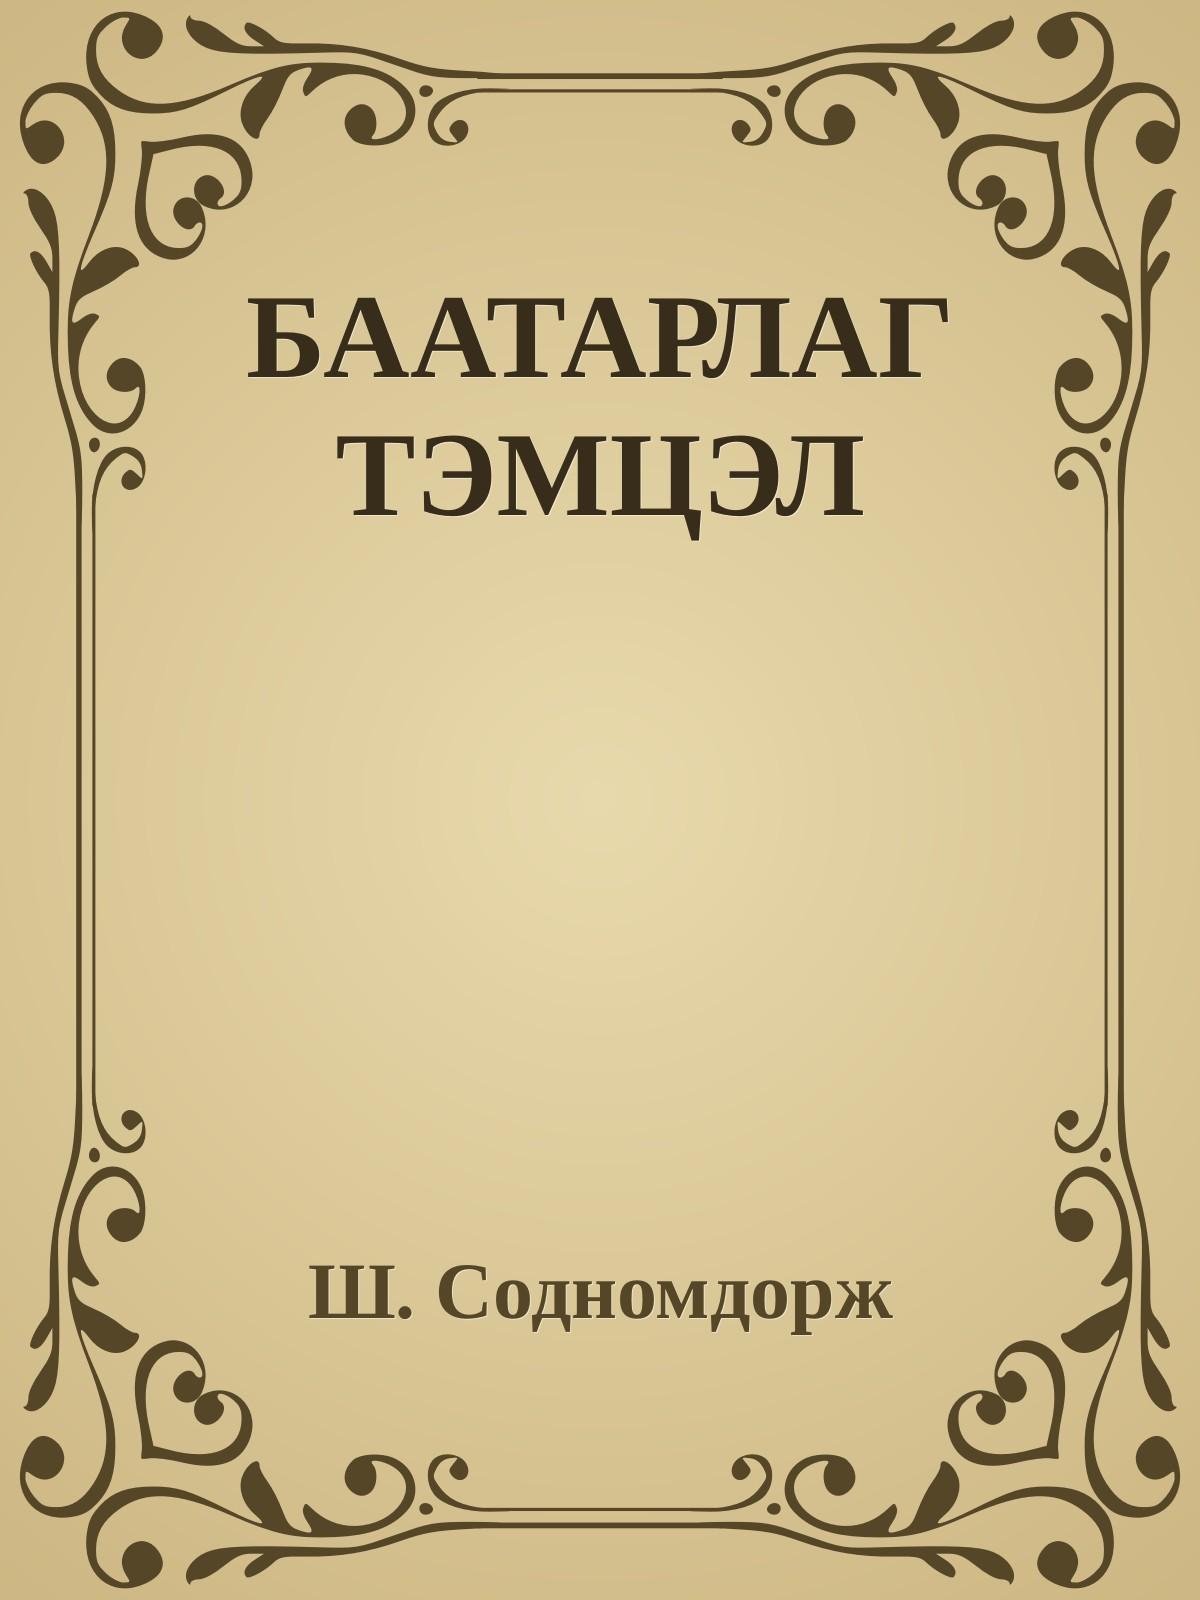 БААТАРЛАГТЭМЦЭЛ